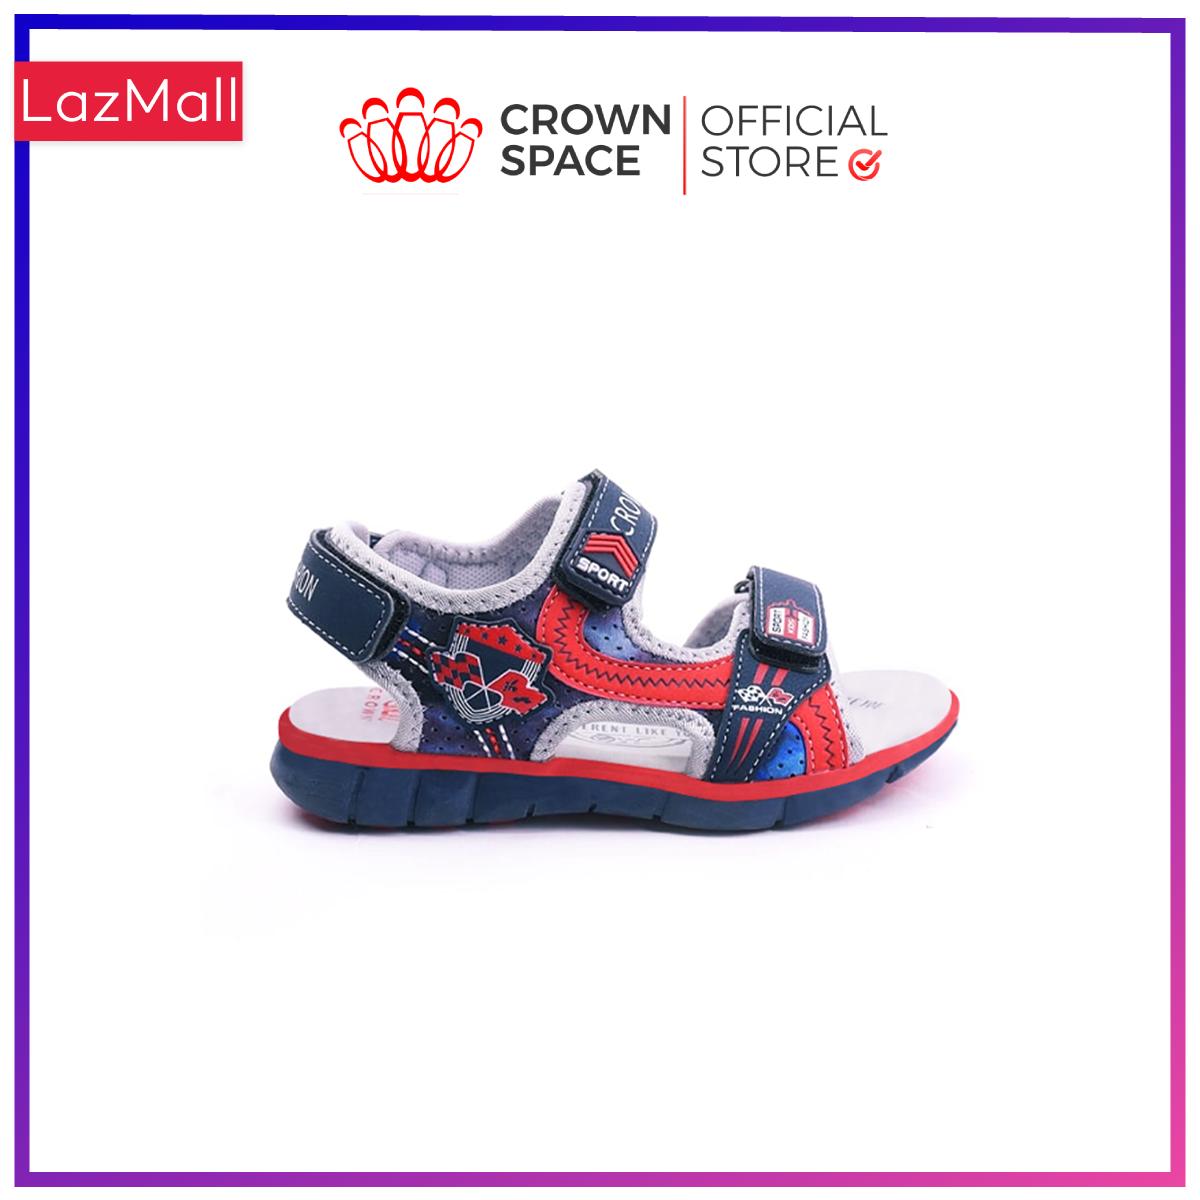 Dép Quai Hậu Bé Trai Đi Học Chính Hãng Crown Space UK Sandals Trẻ em Xăng Đan Cho Bé Trai Từ 2 đến 14 Tuổi Size 26-35 Chất Liệu Cao Cấp Nhẹ Êm Thoáng Mát An Toàn Cho Bé CRUK529